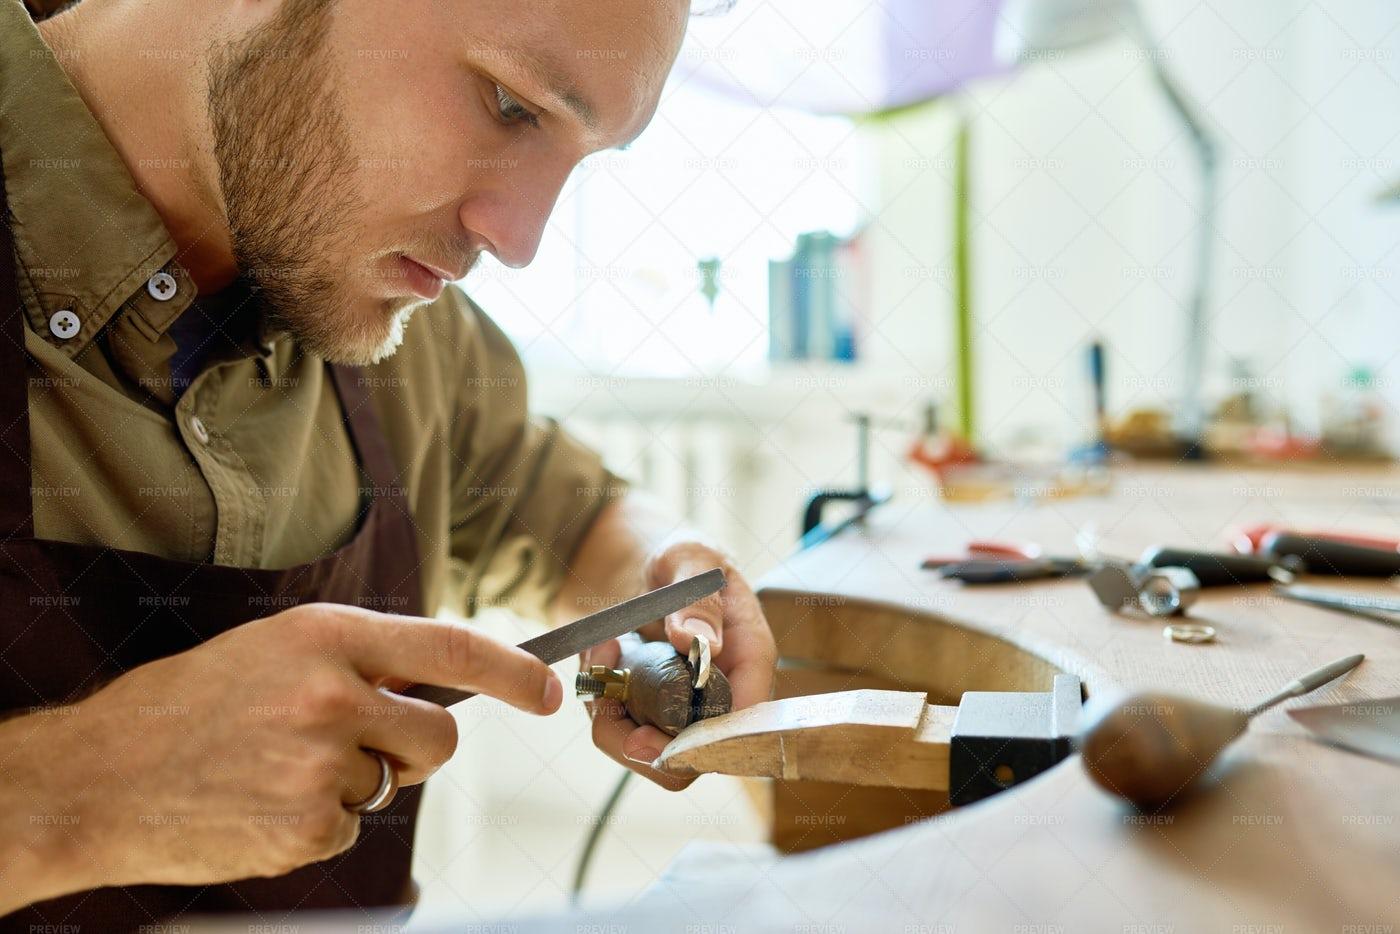 Young Jeweler Making Ring Close Up: Stock Photos